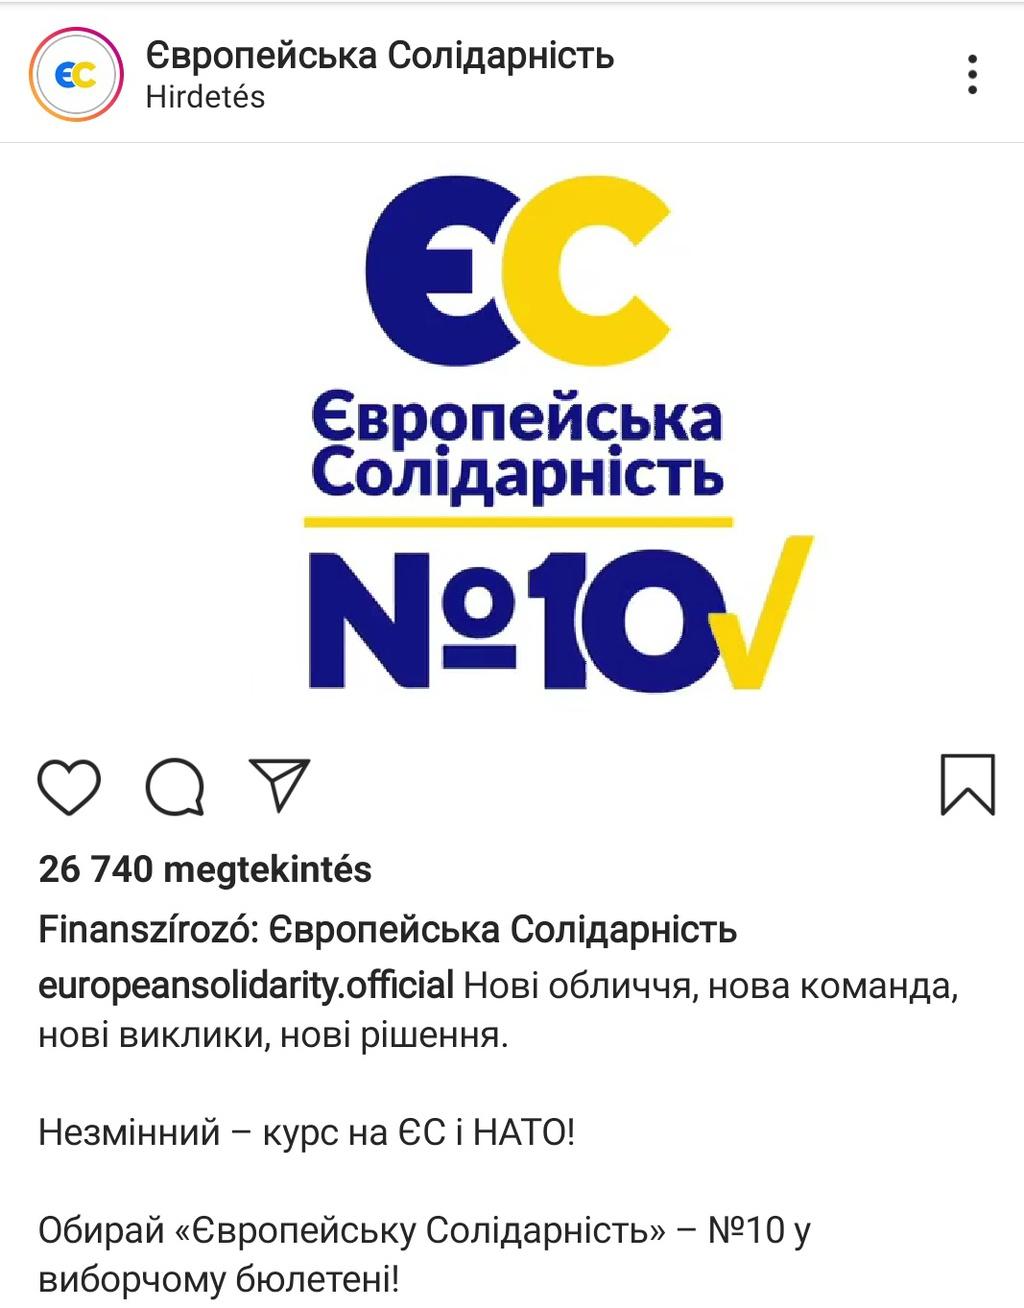 Új arcok, új csapat, új kihívások, új döntések - hirdeti magát Instagramon a régi elnök pártja #moszkvater